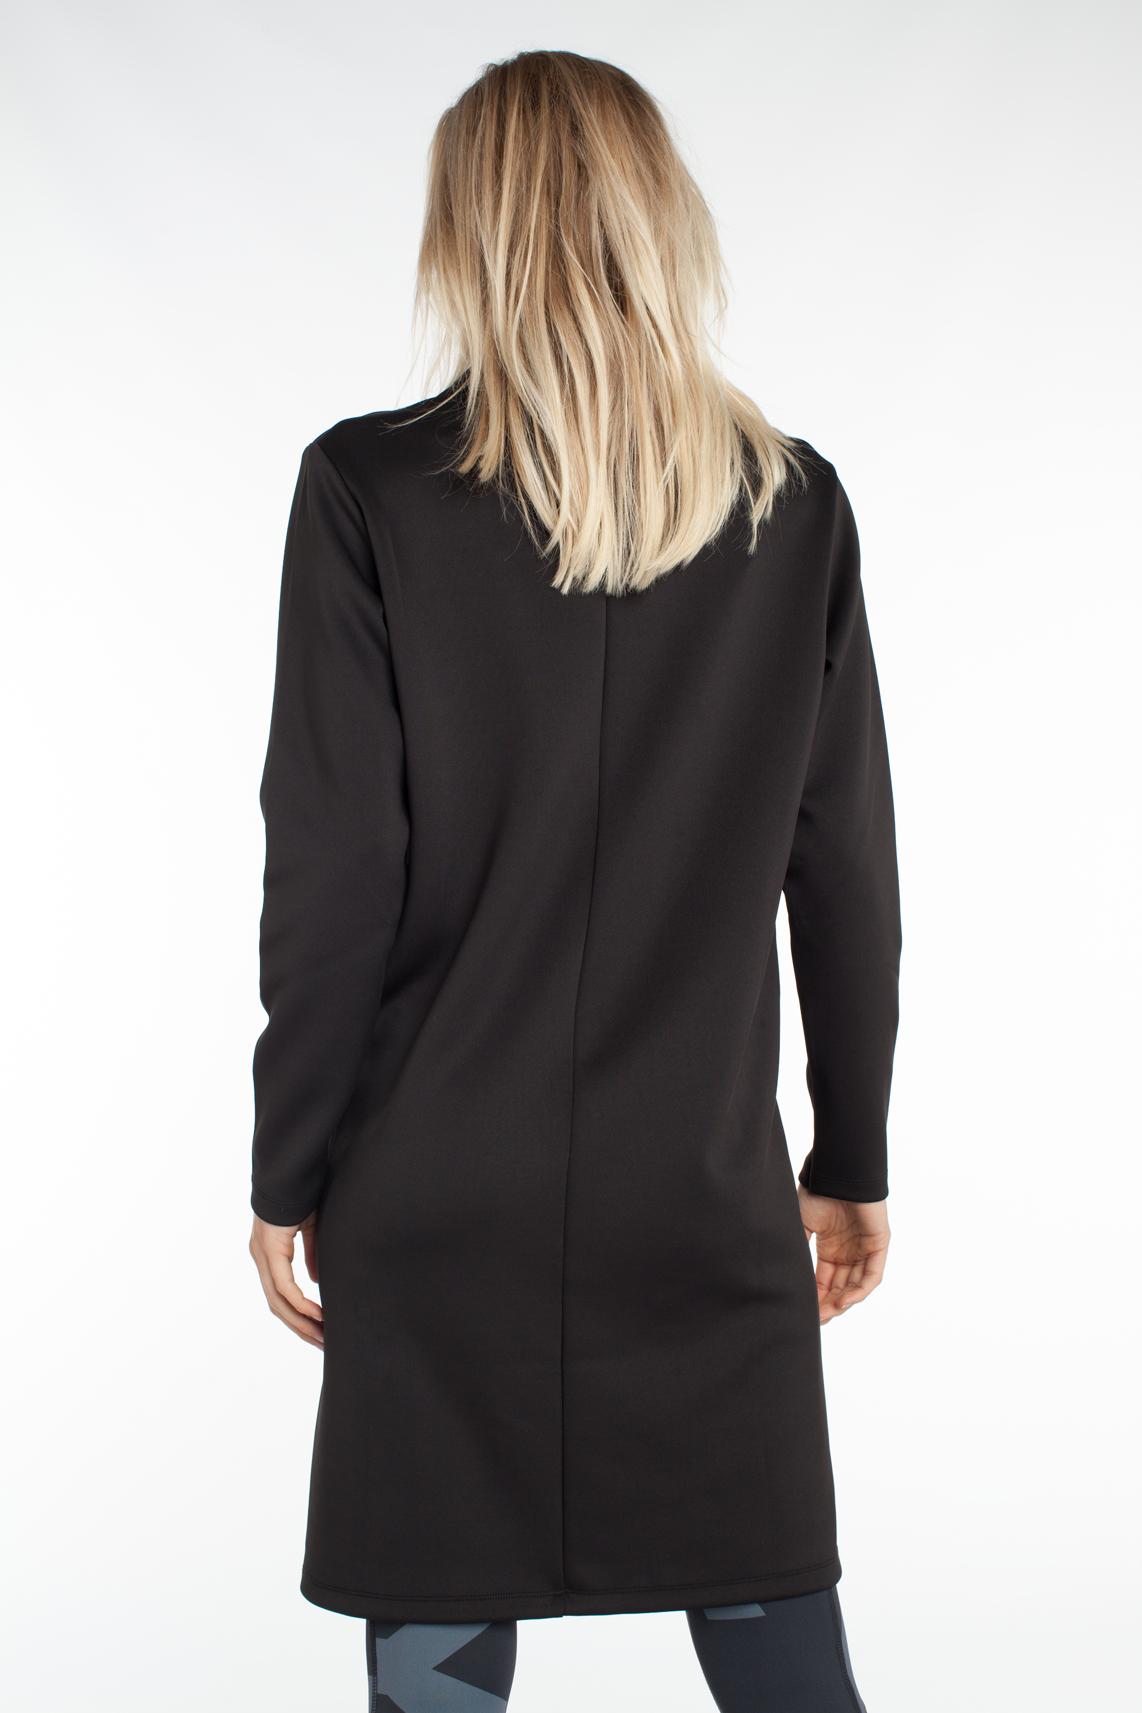 10 Days Dames Scuba smoking jurk zwart